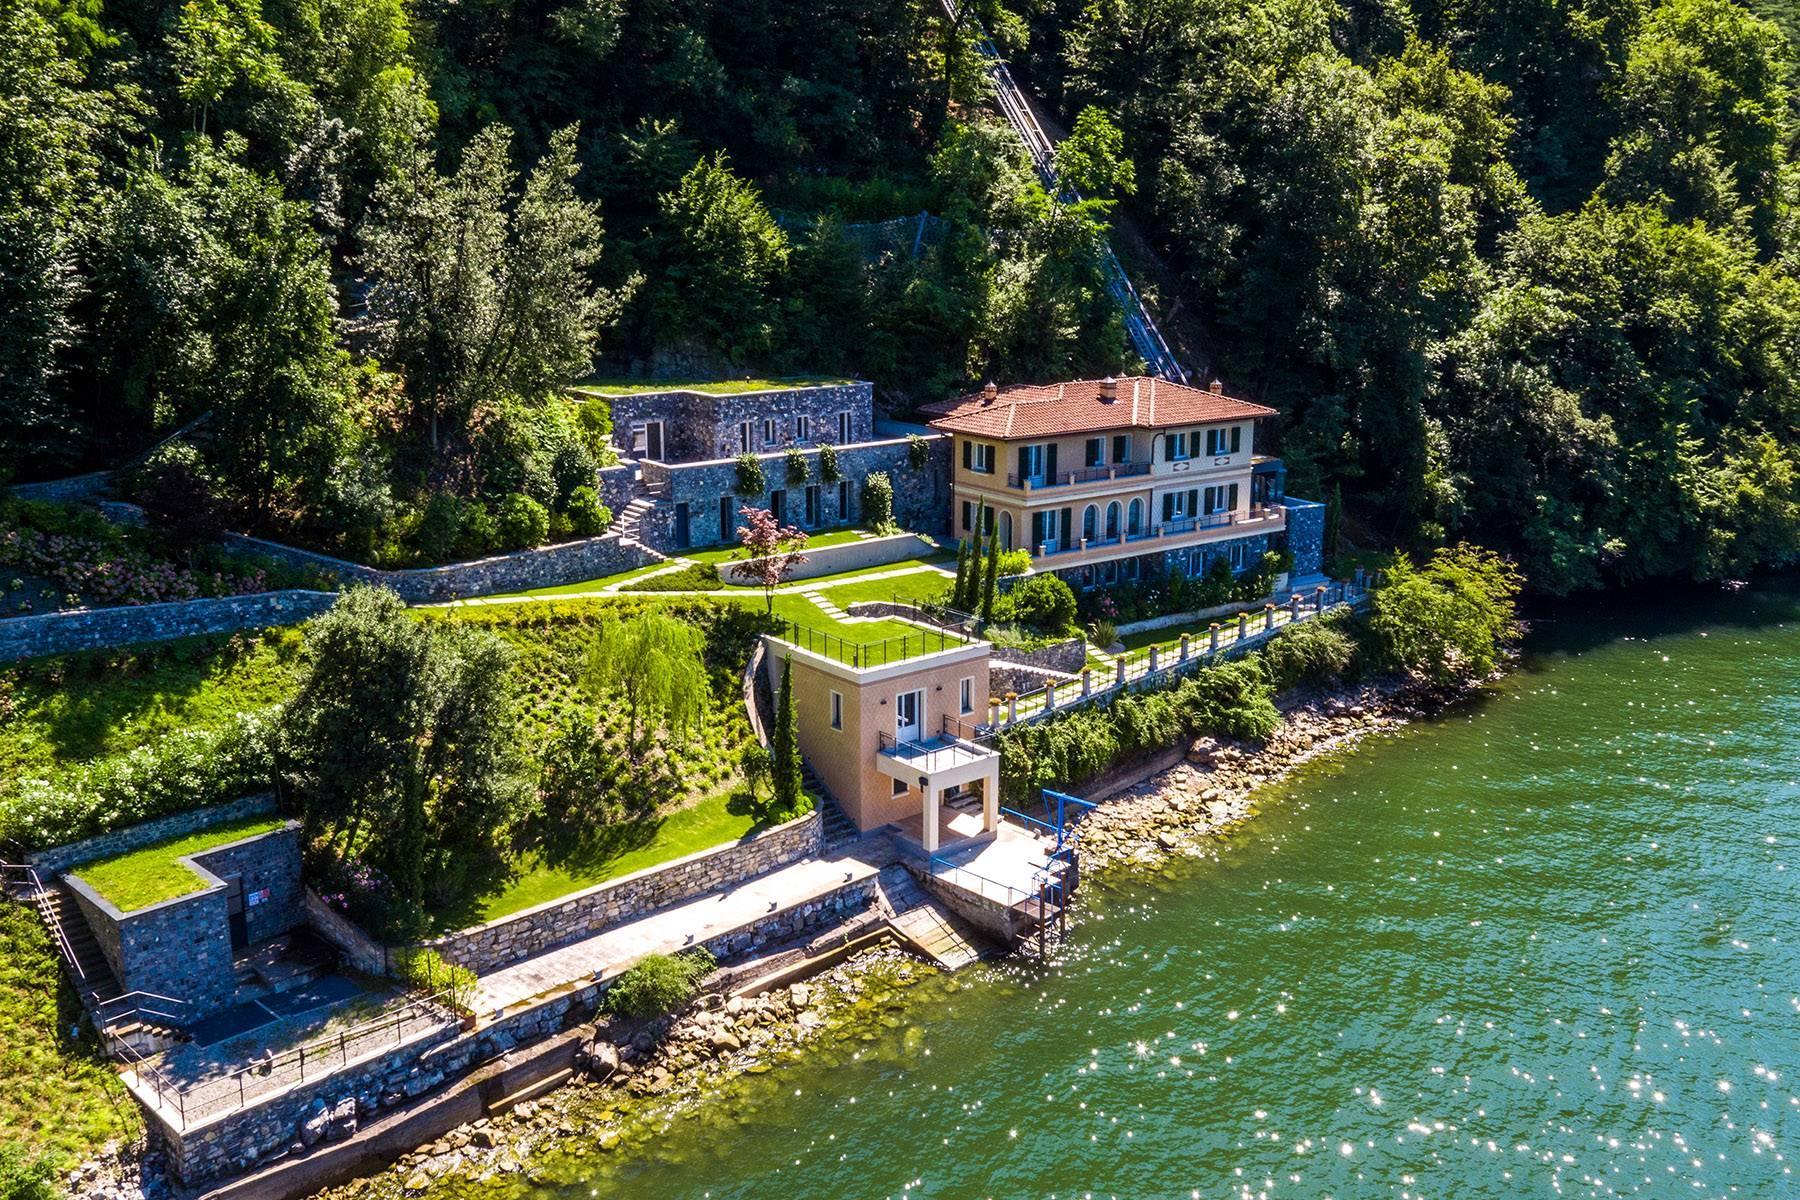 Incantevole villa in una della zone più strategiche del lago - 1